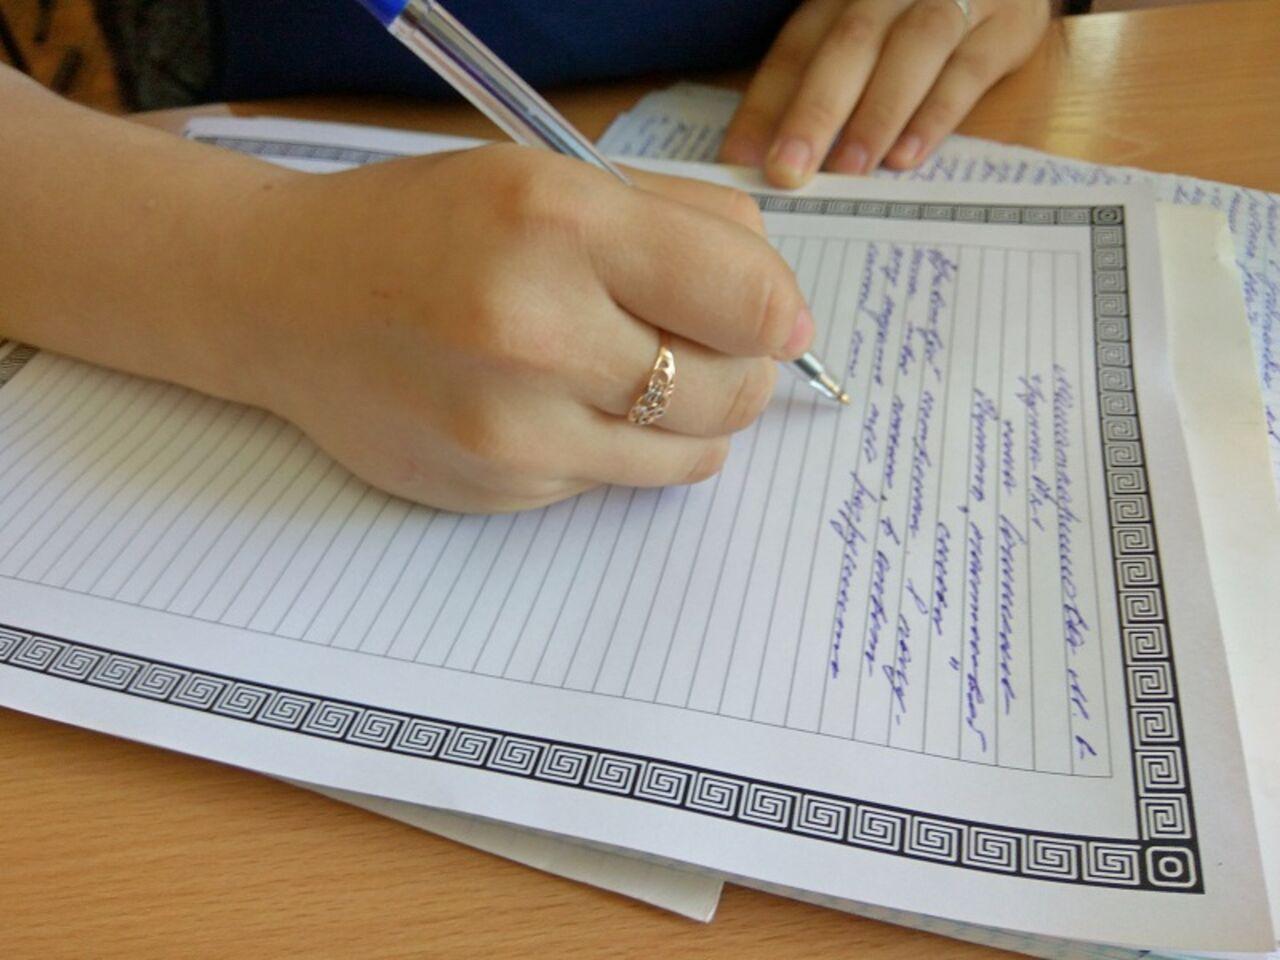 Молодые рязанцы благополучно поучаствовали воВсероссийском конкурсе «Лучший урок письма»